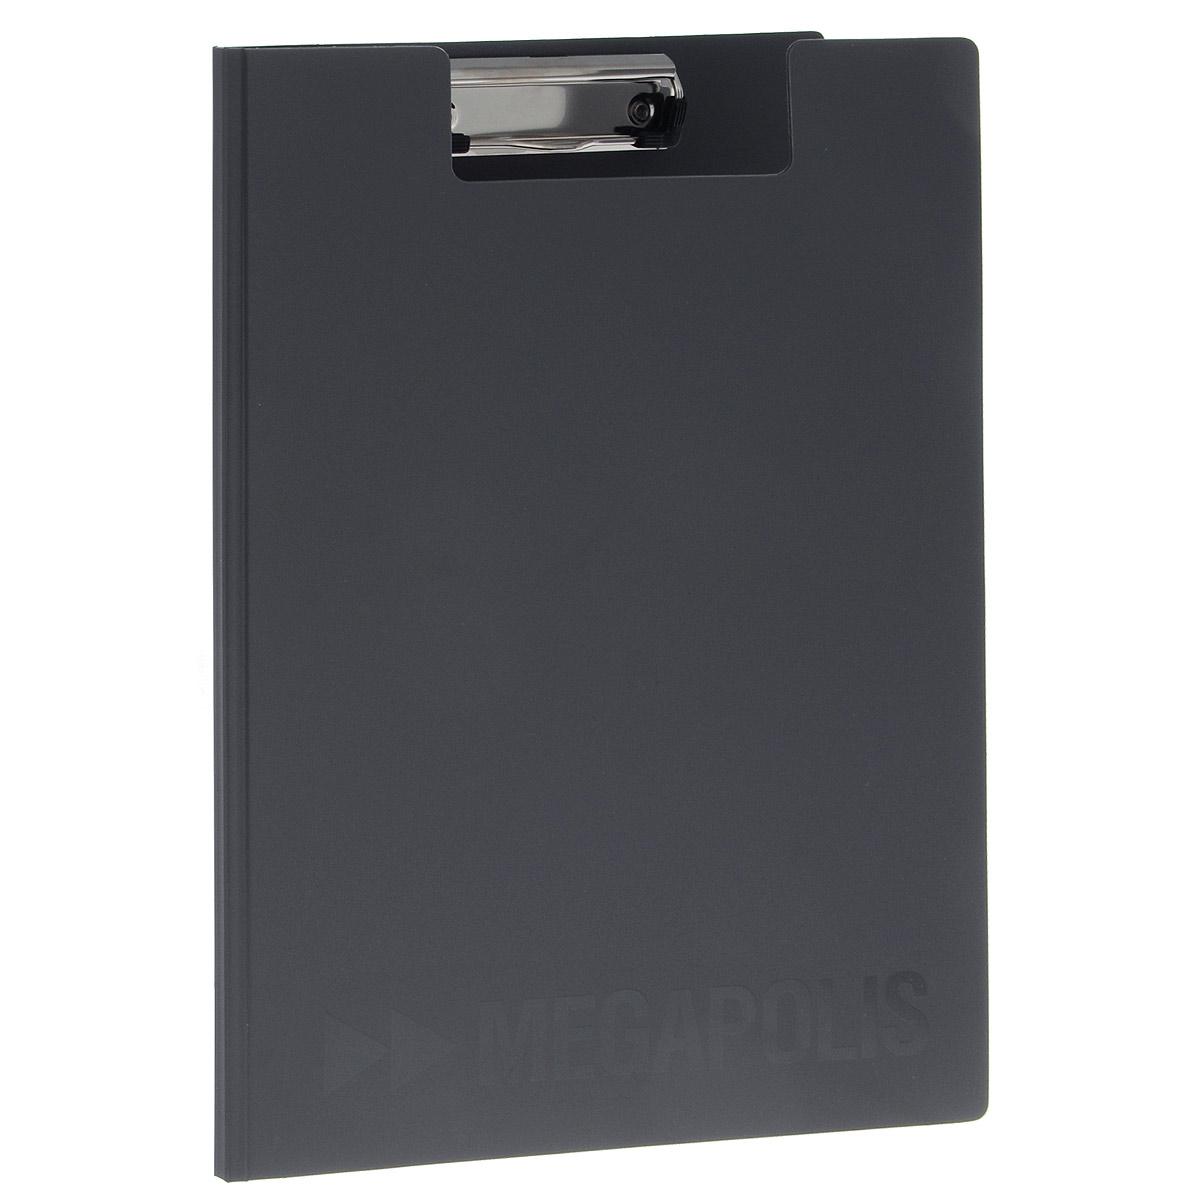 Папка-планшет Erich Krause Megapolis, формат А4, цвет: серый3877Папка-планшет Erich Krause Megapolis будет незаменима для работы с документацией в дороге или на складе, а так же может быть использована для подготовки и хранения текстов выступлений или докладов.Изготовлена из жесткого пластика, и ПВХ. Благодаря своей жесткости позволяет делать записи на весу. Металлический зажим надежно фиксирует листы, предотвращая сползание бумаги. Есть внутренний карман для заметок.